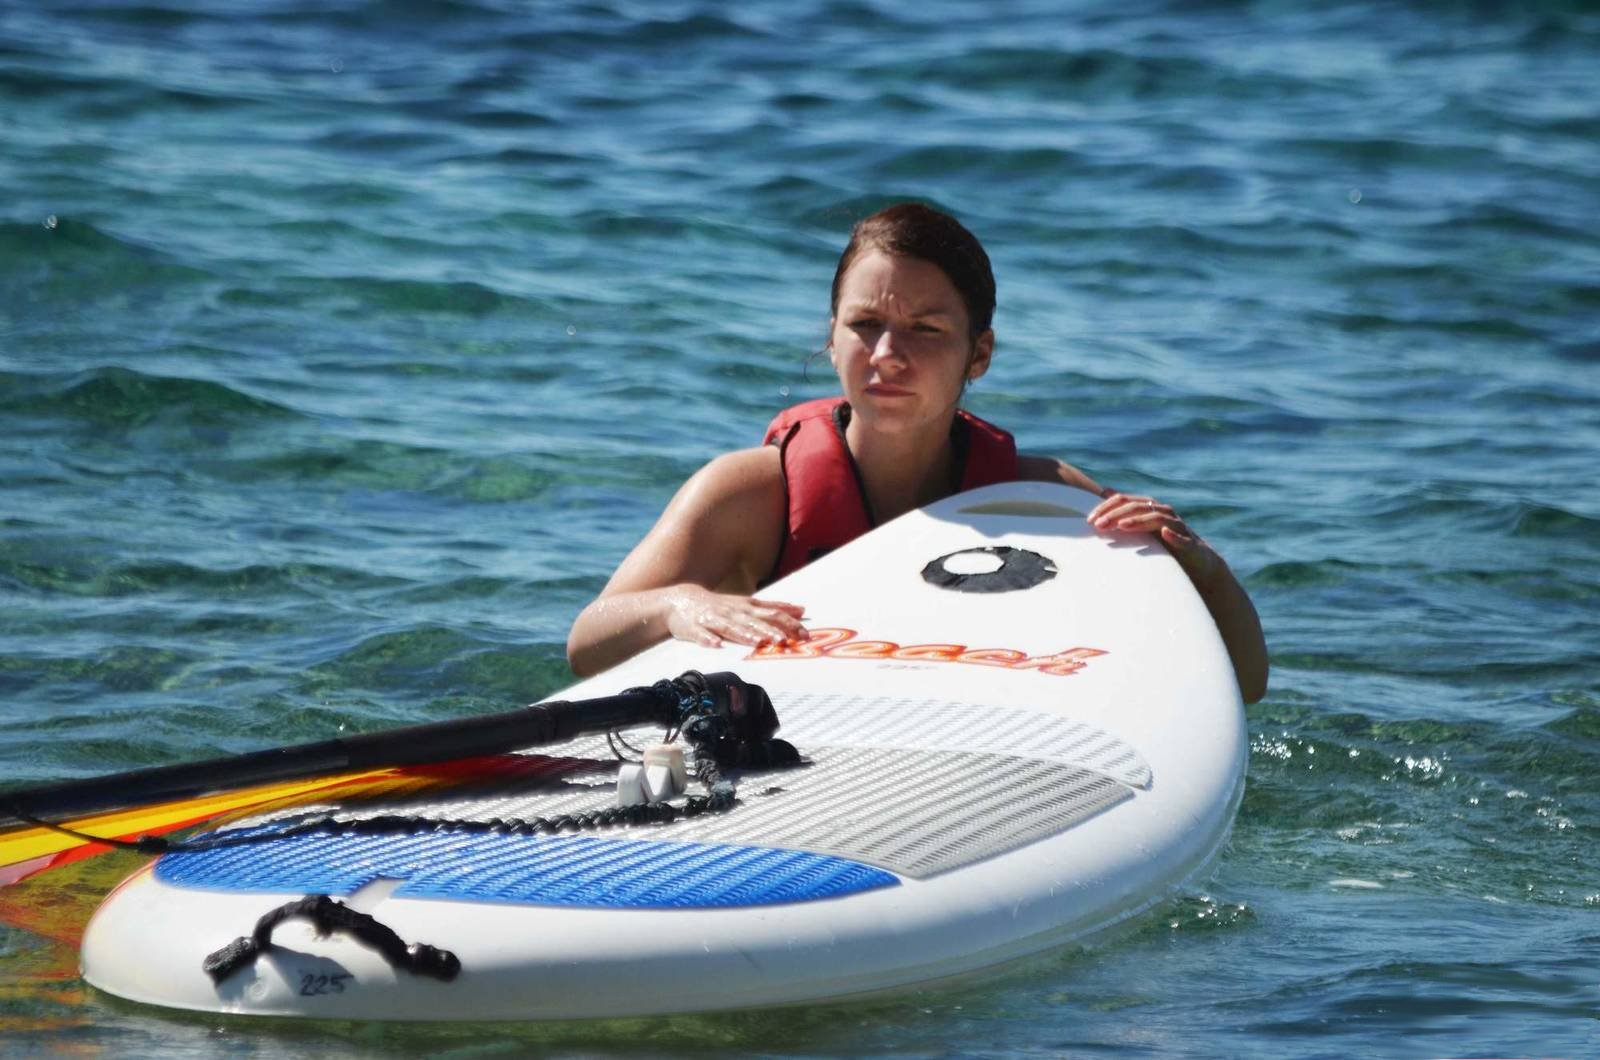 Windsurfing - co se musíte naučit? Cestování